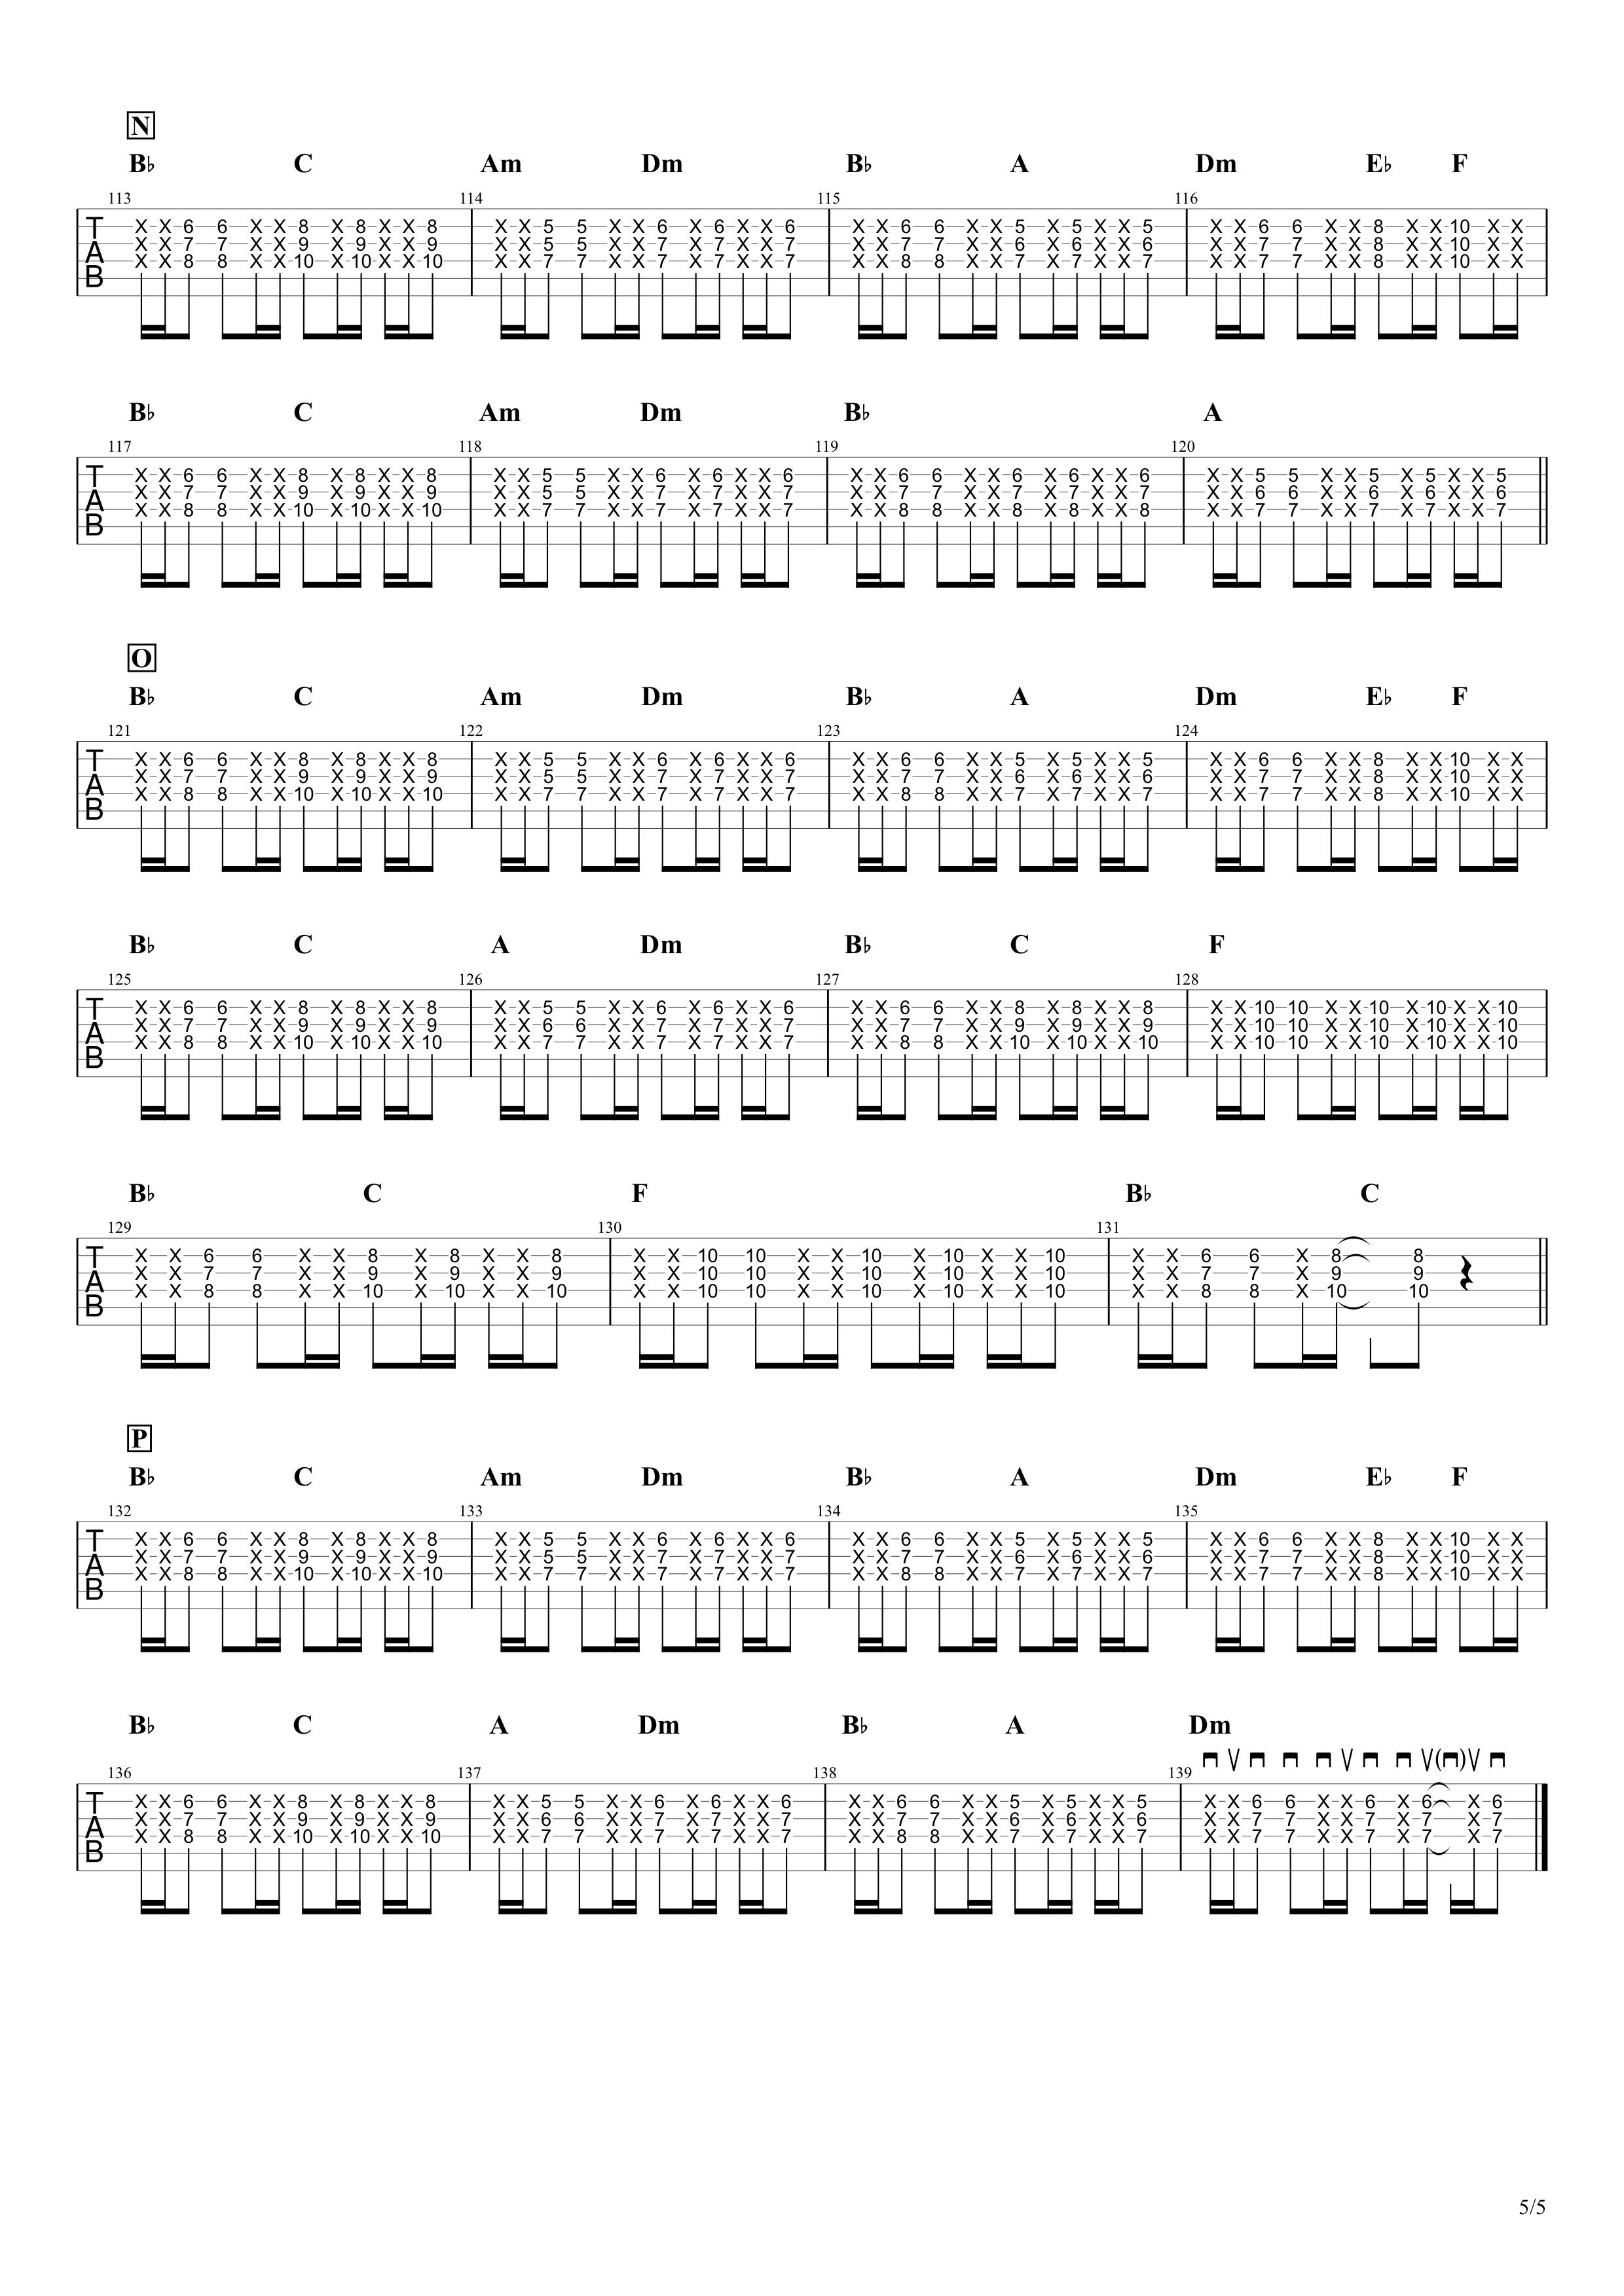 夜に駆ける/YOASOBI ギタータブ譜05